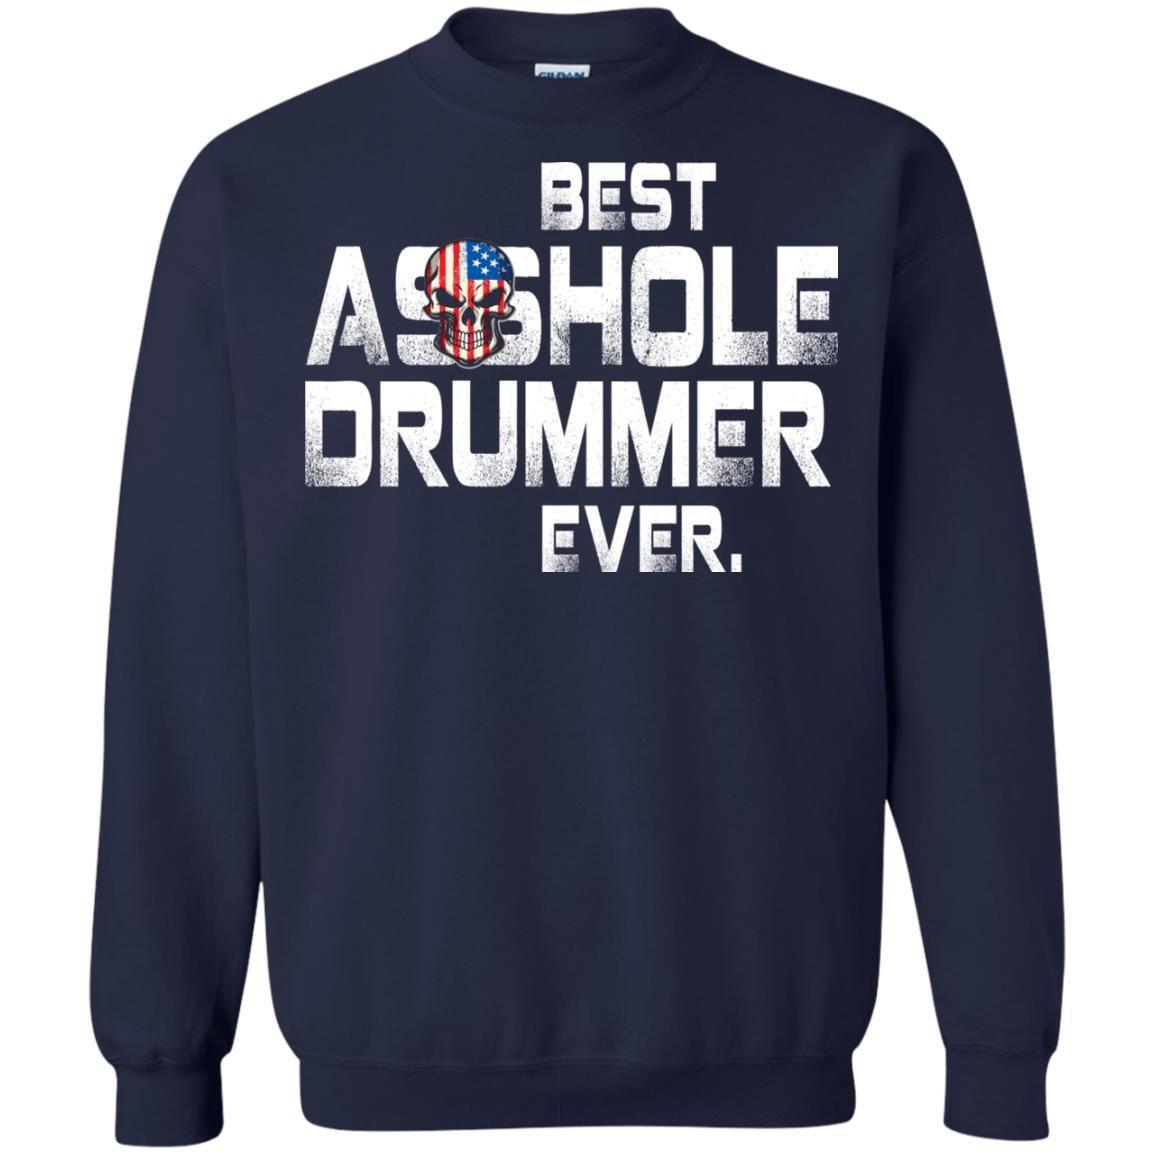 image 1643 - Best Asshole Drummer Ever shirt, sweater, tank top